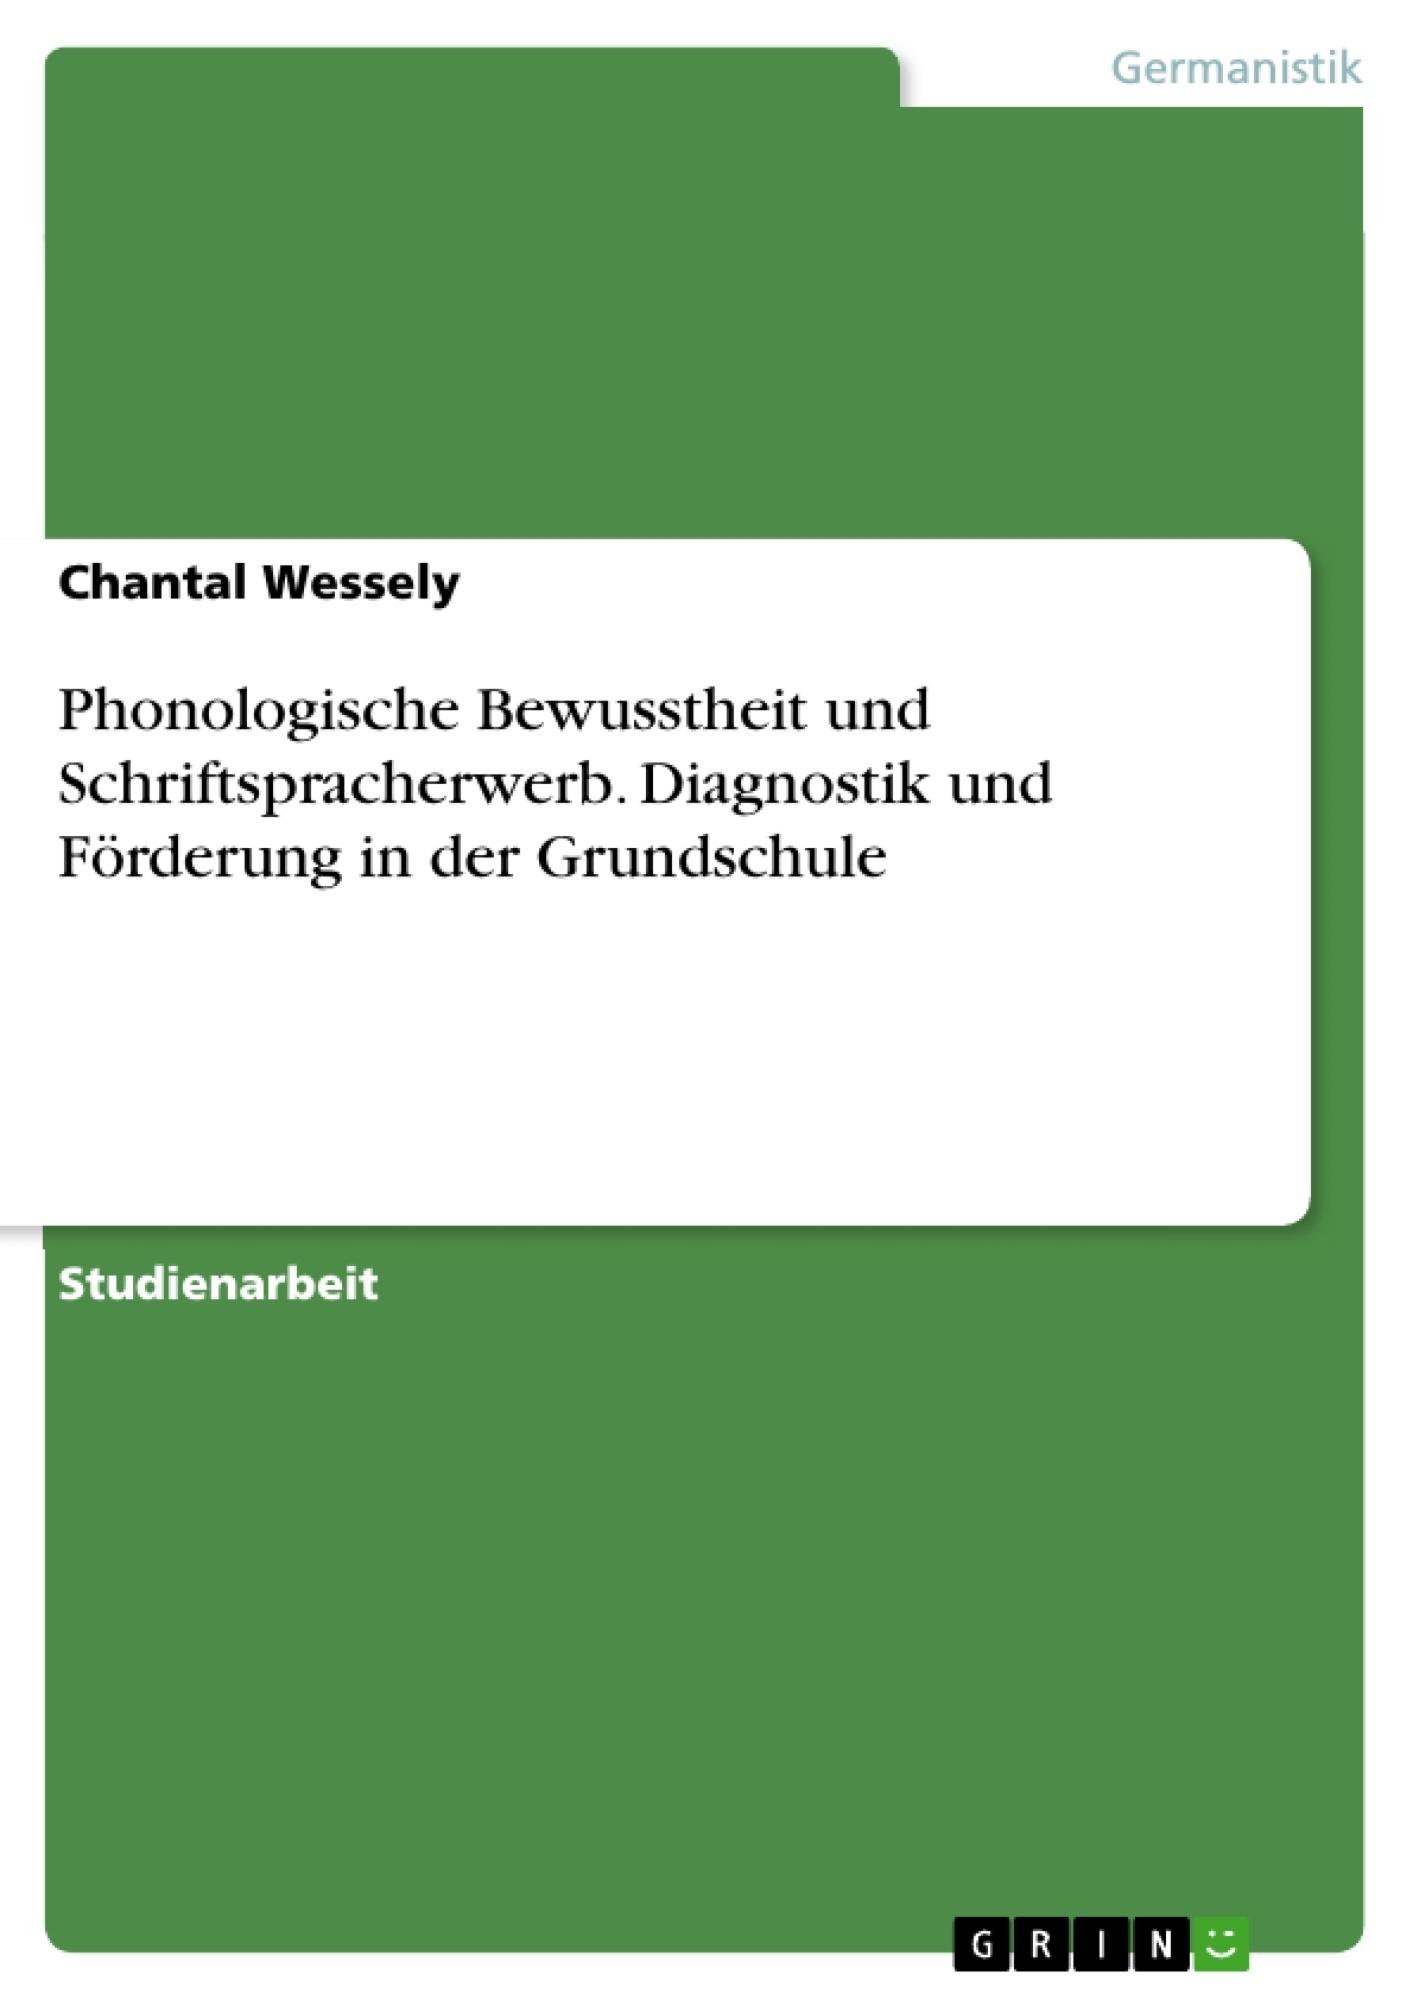 Titel: Phonologische Bewusstheit und Schriftspracherwerb. Diagnostik und Förderung in der Grundschule